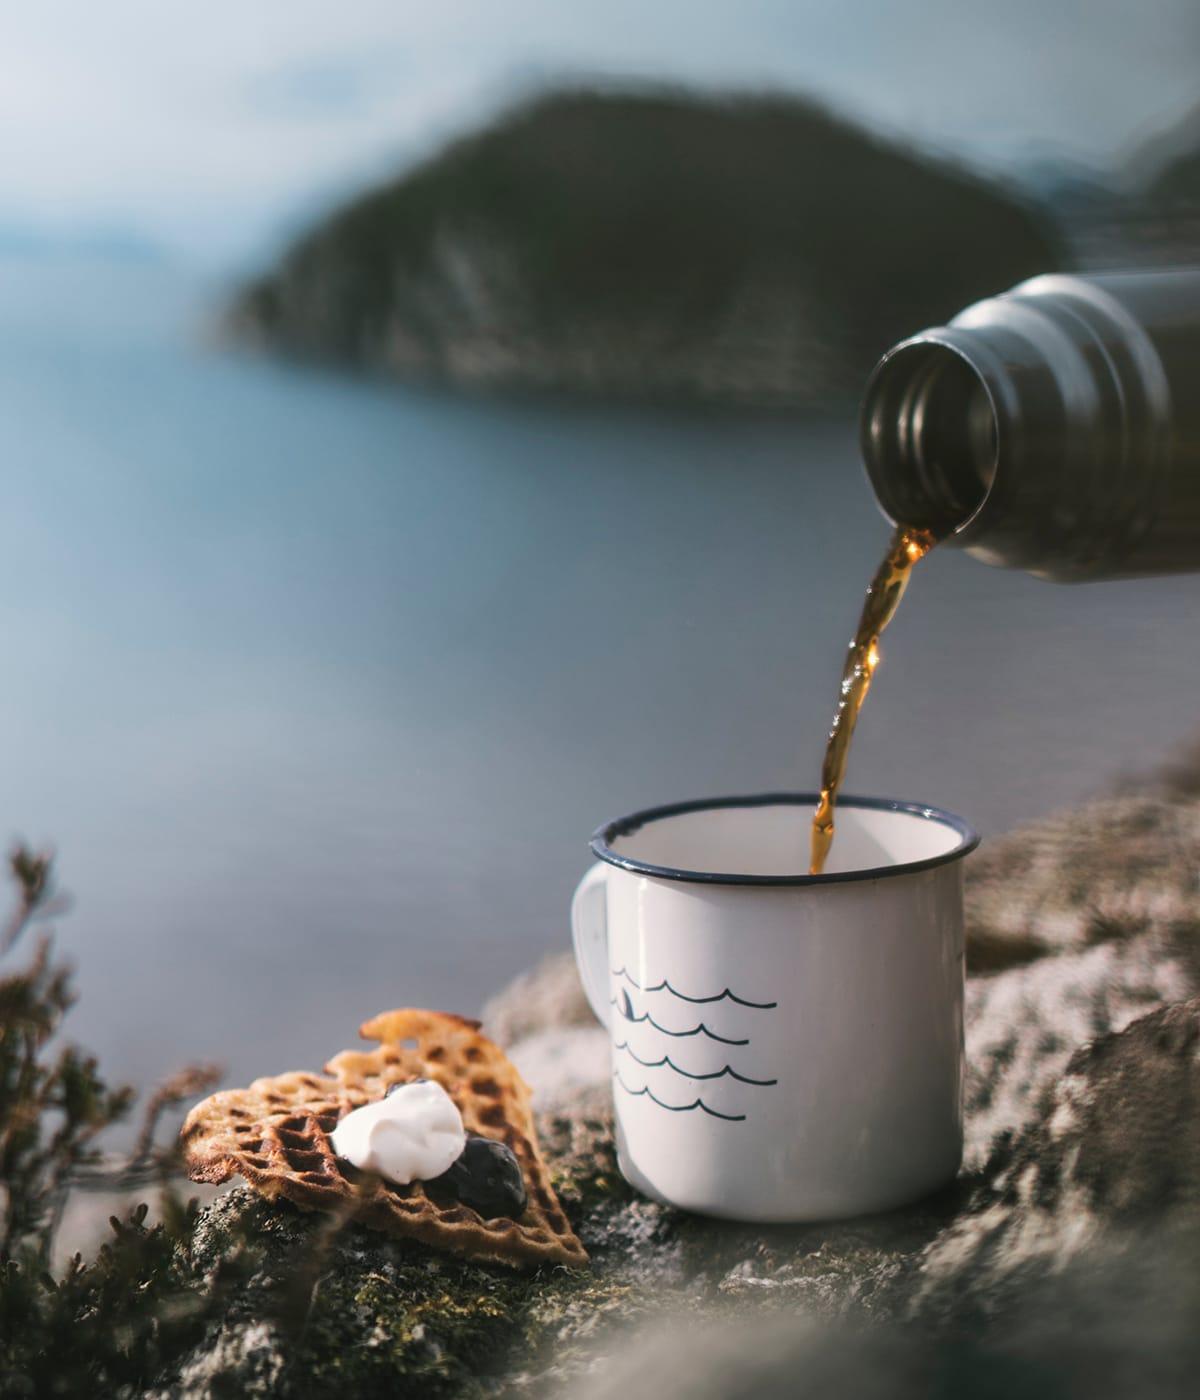 Kaffee und Waffeln lassen sich als typische norwegische Spezialitäten gut als Picknick in der freien Natur genießen.